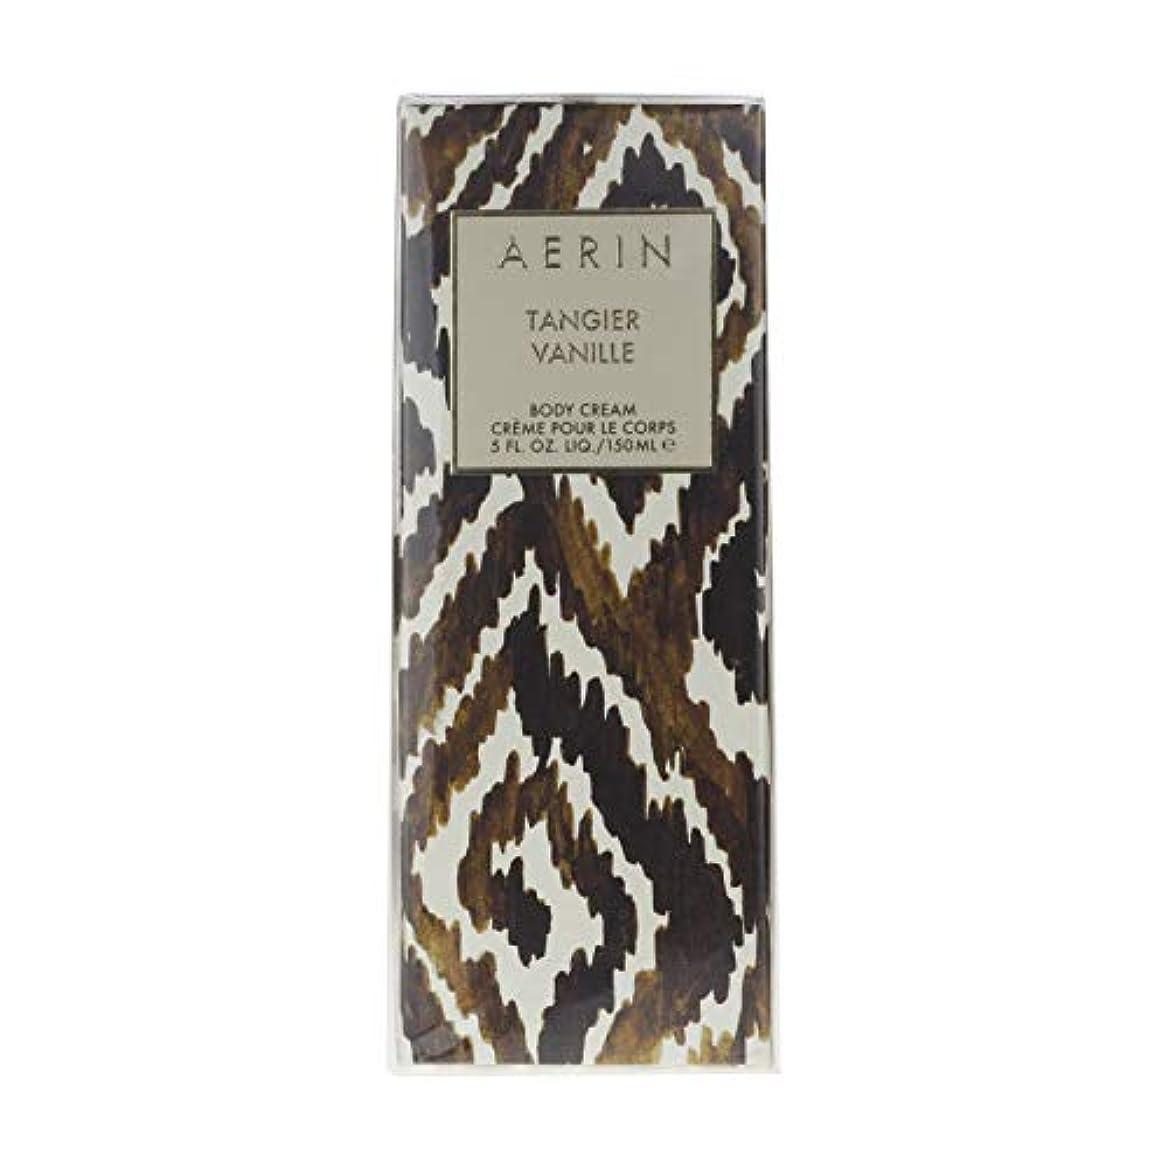 居住者振り返る惑星AERIN Tangier Vanille (アエリン タンジヤー バニール) 5.0 oz (150ml) Body Cream by Estee Lauder for Women